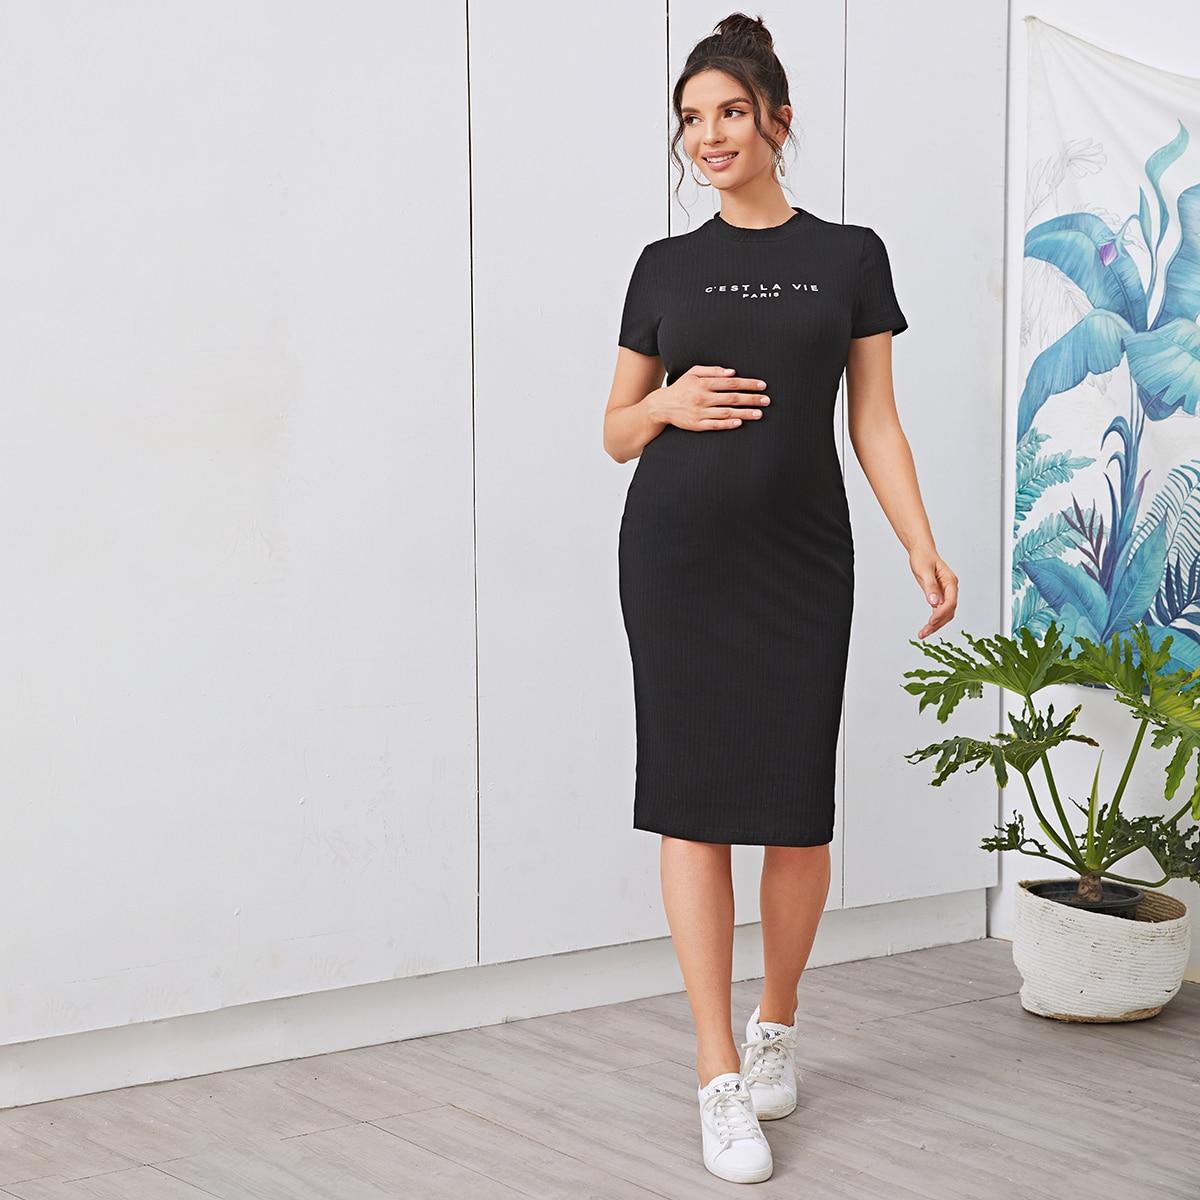 Трикотажное платье для беременных с текстовым принтом